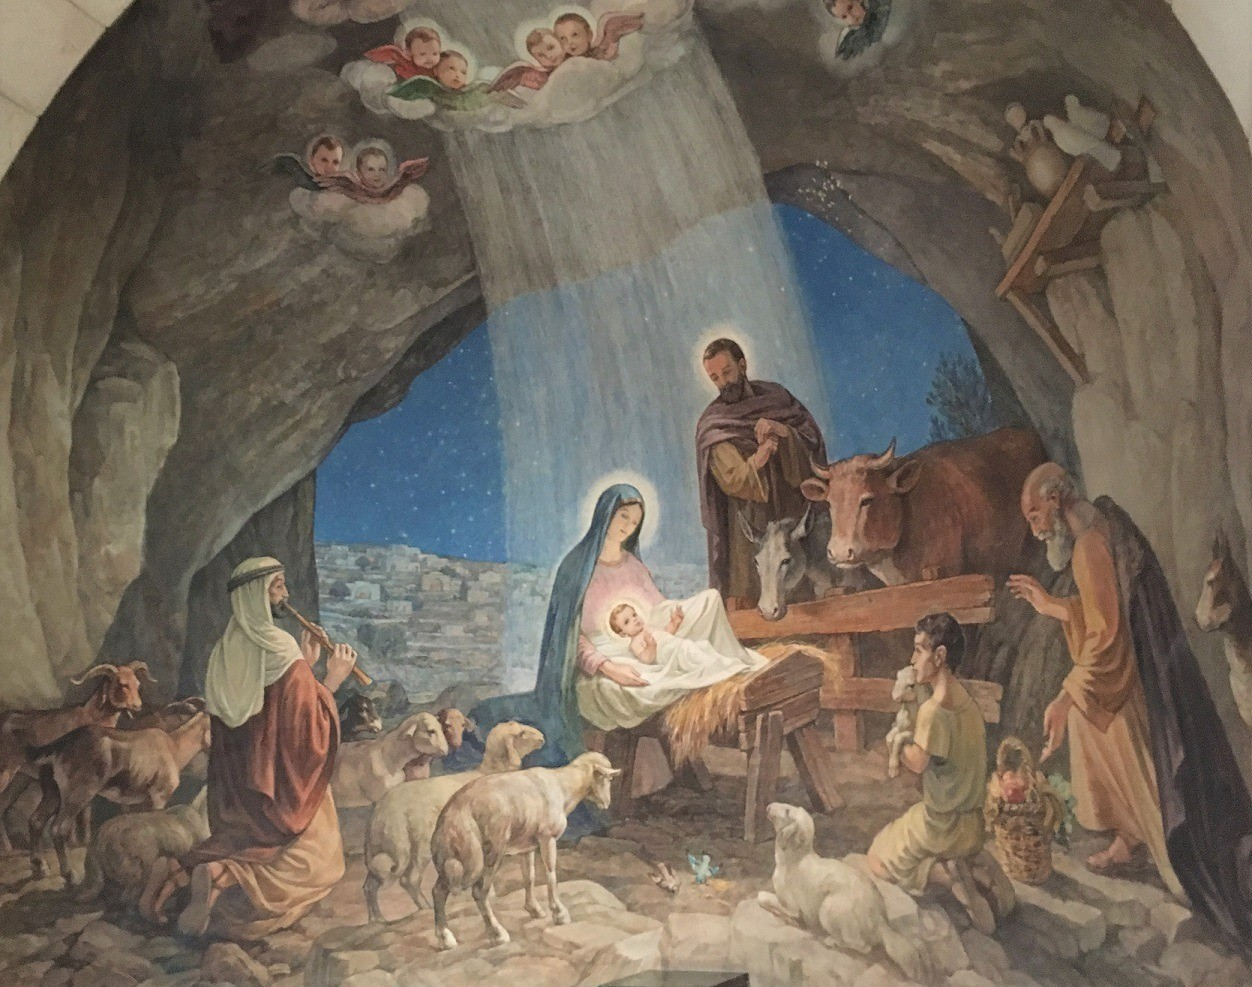 Shepherds' Field Chapel